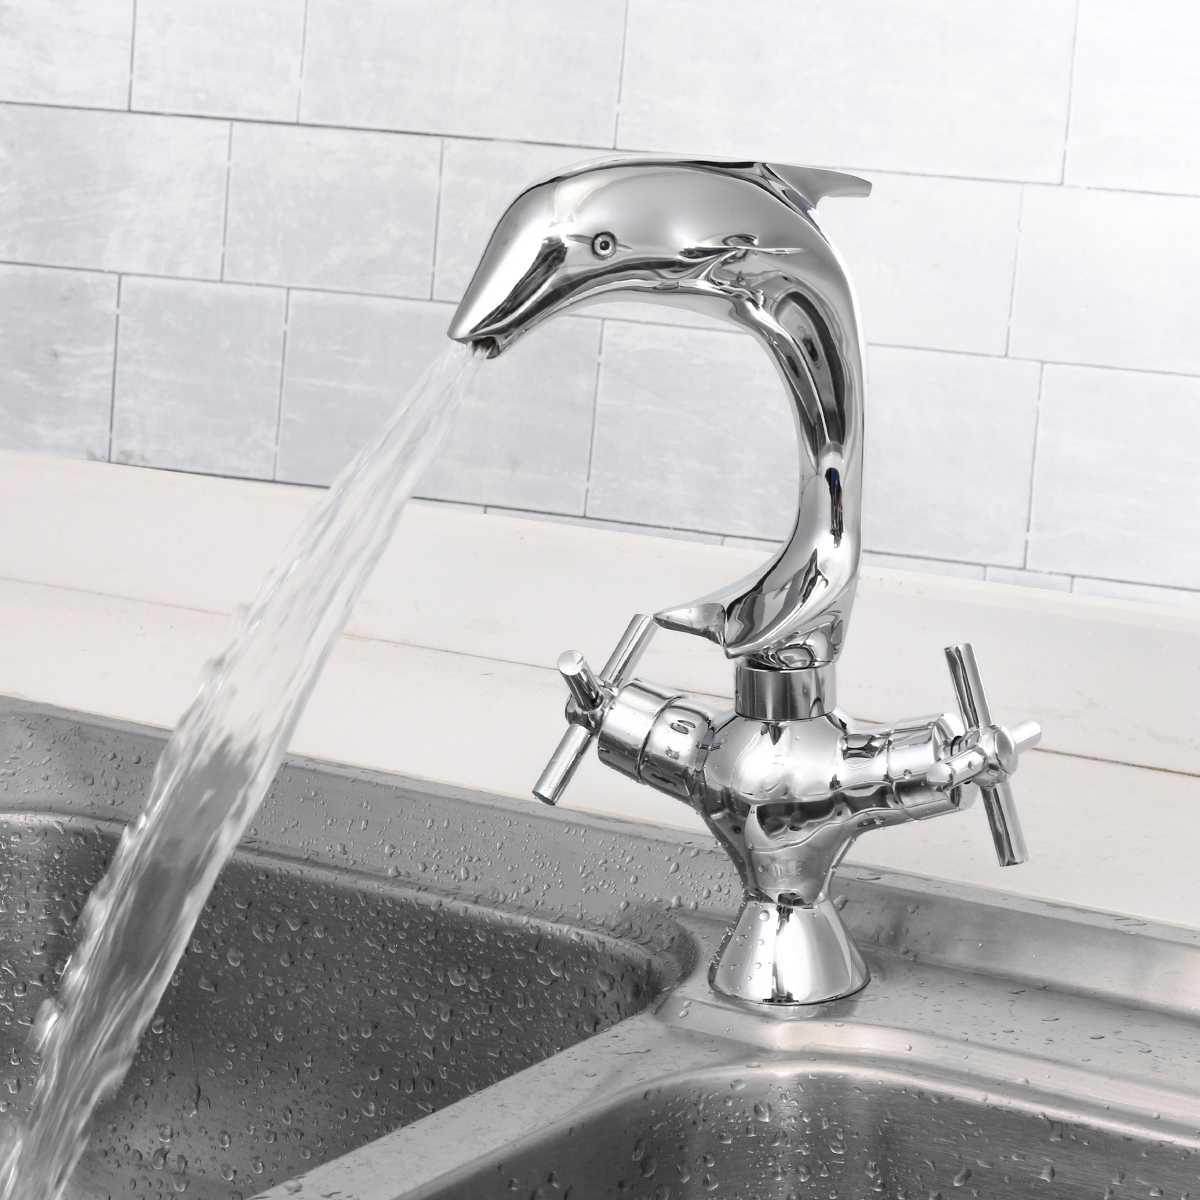 Xueqin cuivre dauphin Style bassin robinet Double poignée salle de bain Double trou mélangeurs eau chaude et froide pont monté